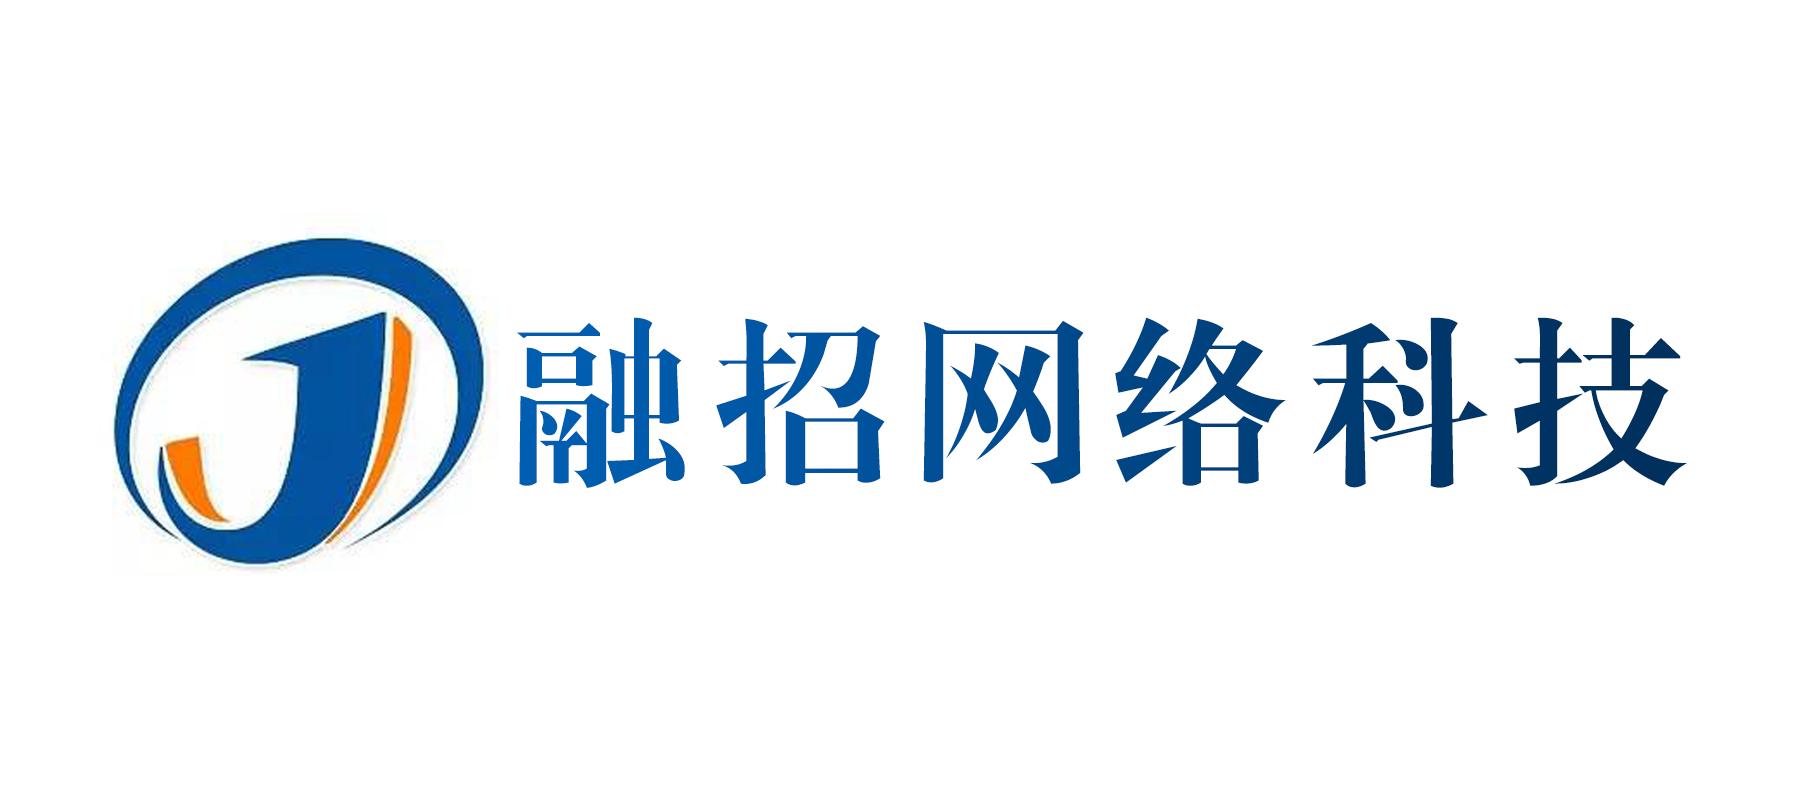 融招(重慶)網絡科技有限公司